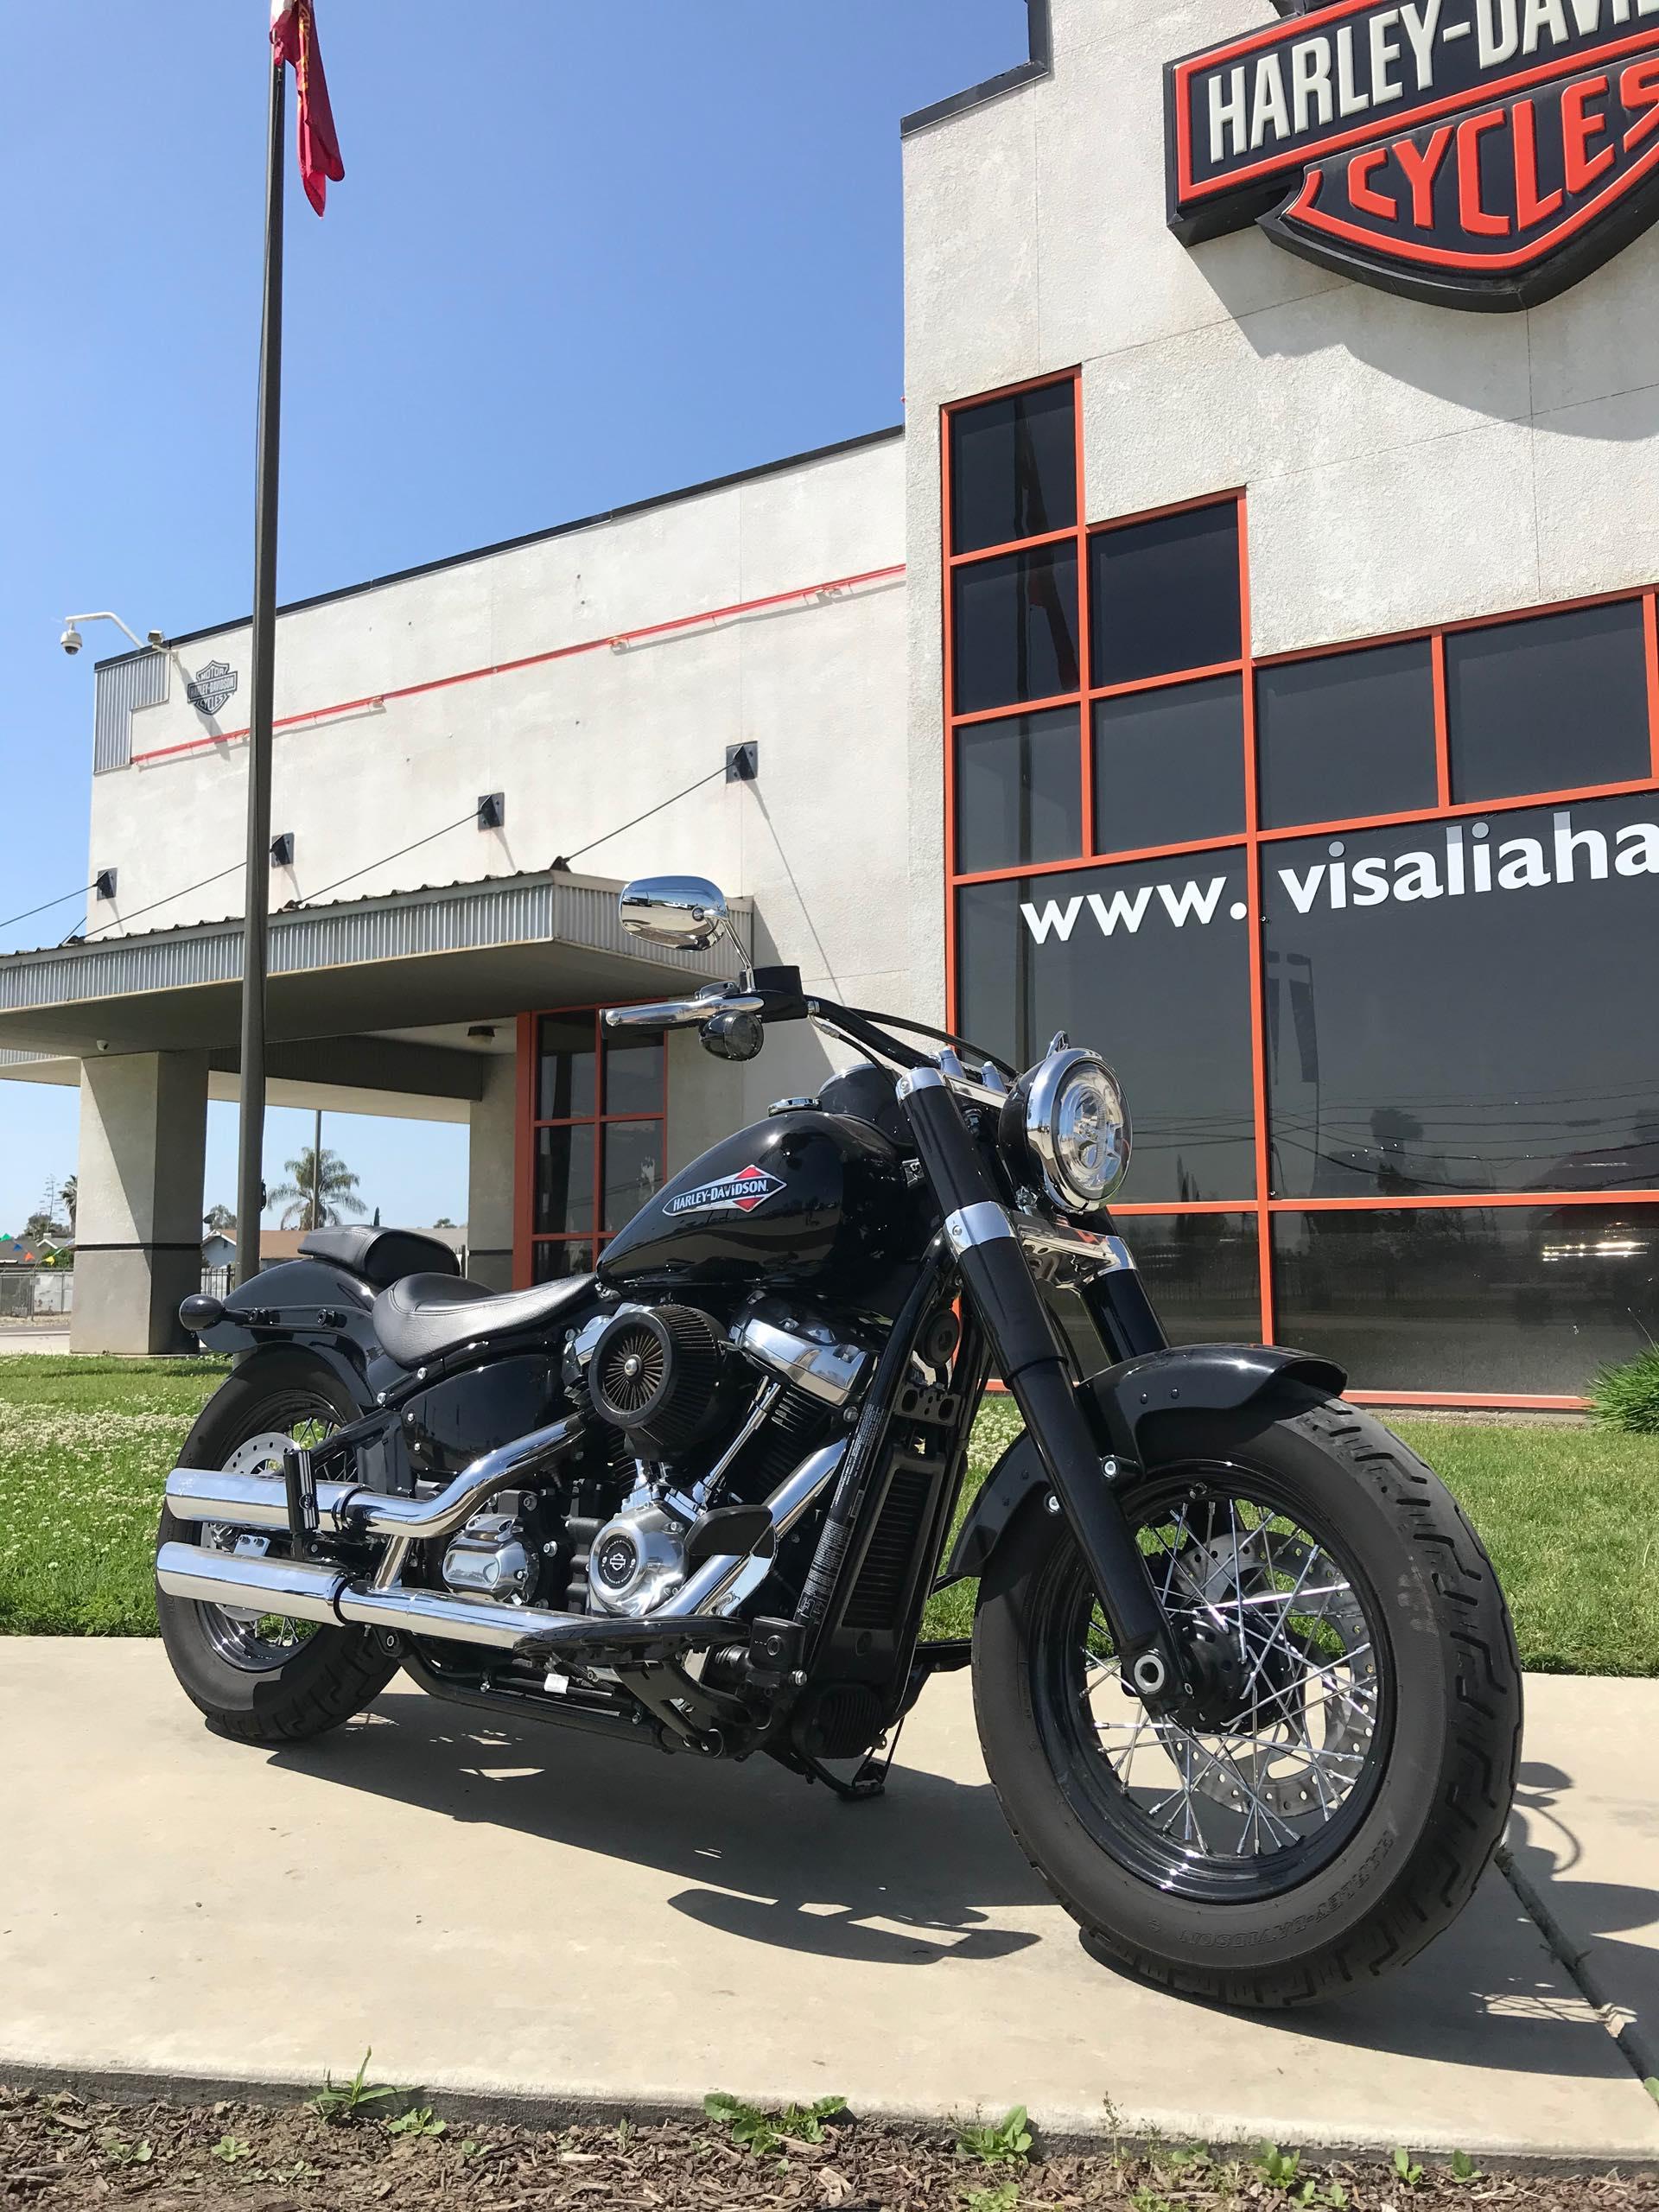 2018 Harley-Davidson Softail Slim at Visalia Harley-Davidson